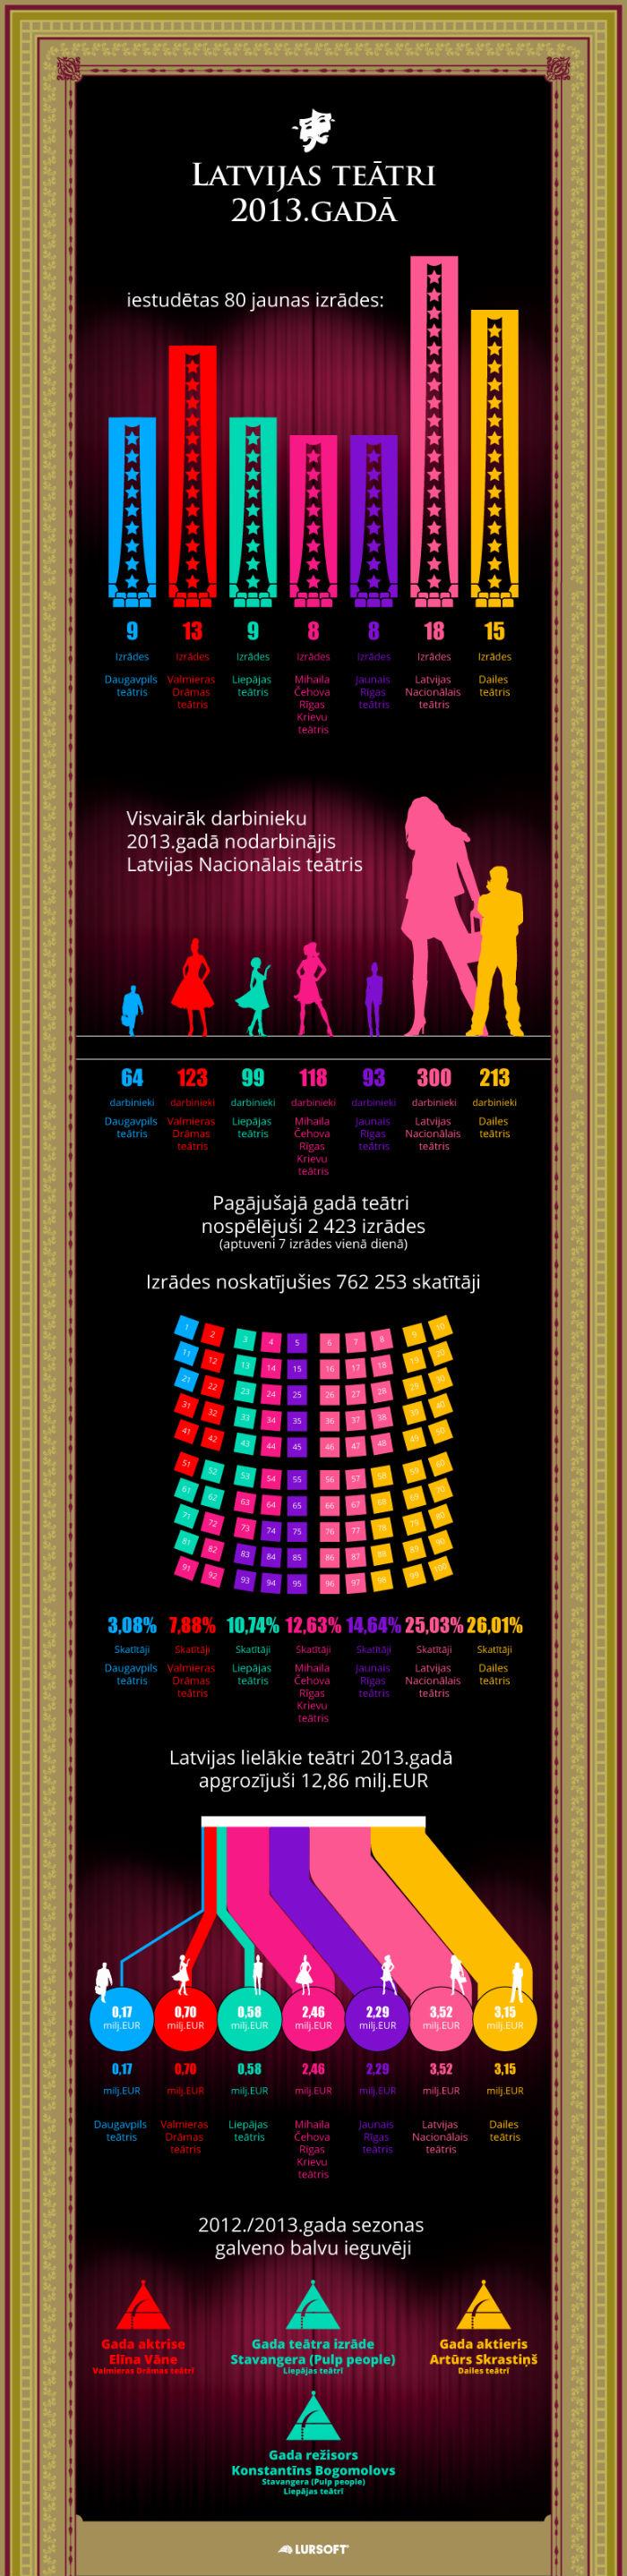 Latvijas teātri 2013.gadā